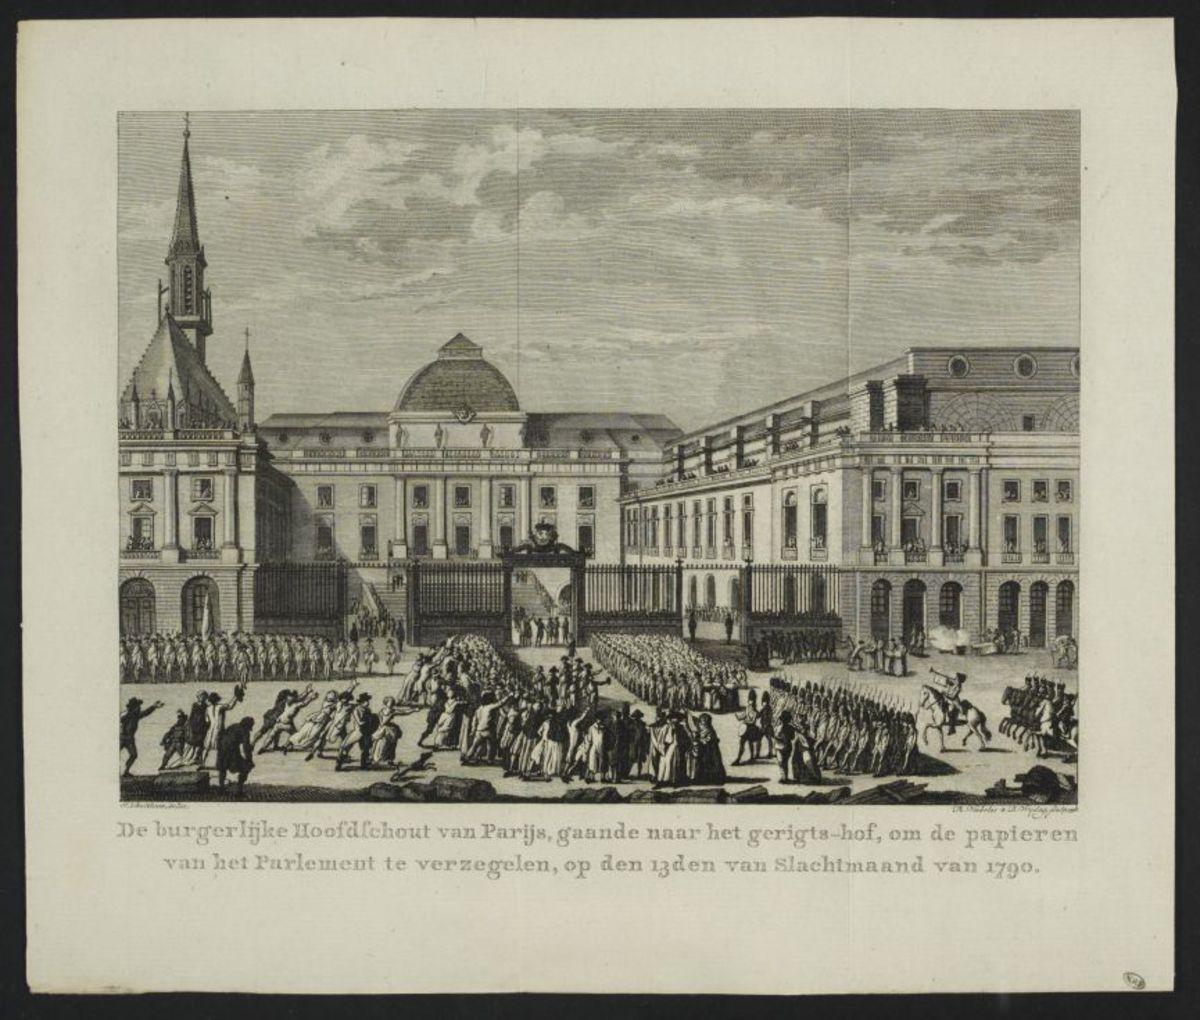 De burgerlijke hoofdfchout van Parijs, gaande naar het gerigts-hof, om de papieren van het Parlement te verzegelen, op den 13den van slachtmaand van 1790 Estampe